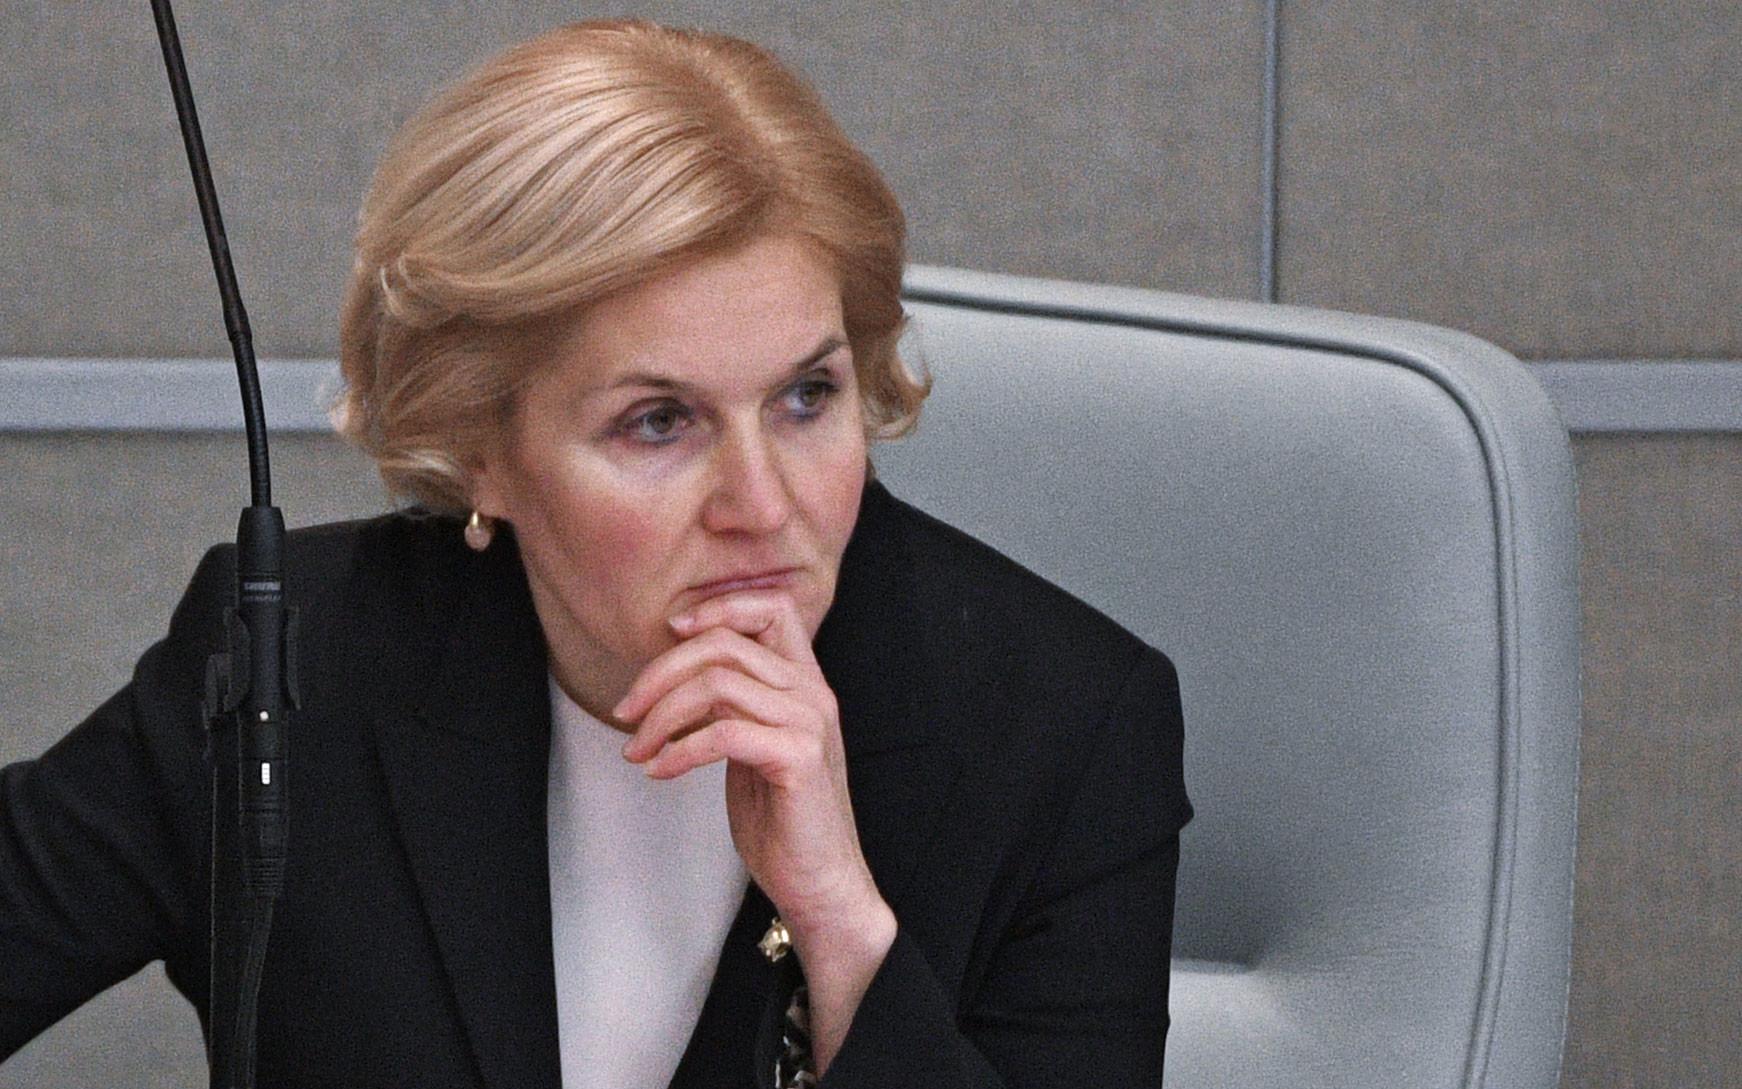 Заместитель председателя Правительства РФ Ольга Голодец. Фото: © РИА Новости / Владимир Федоренко